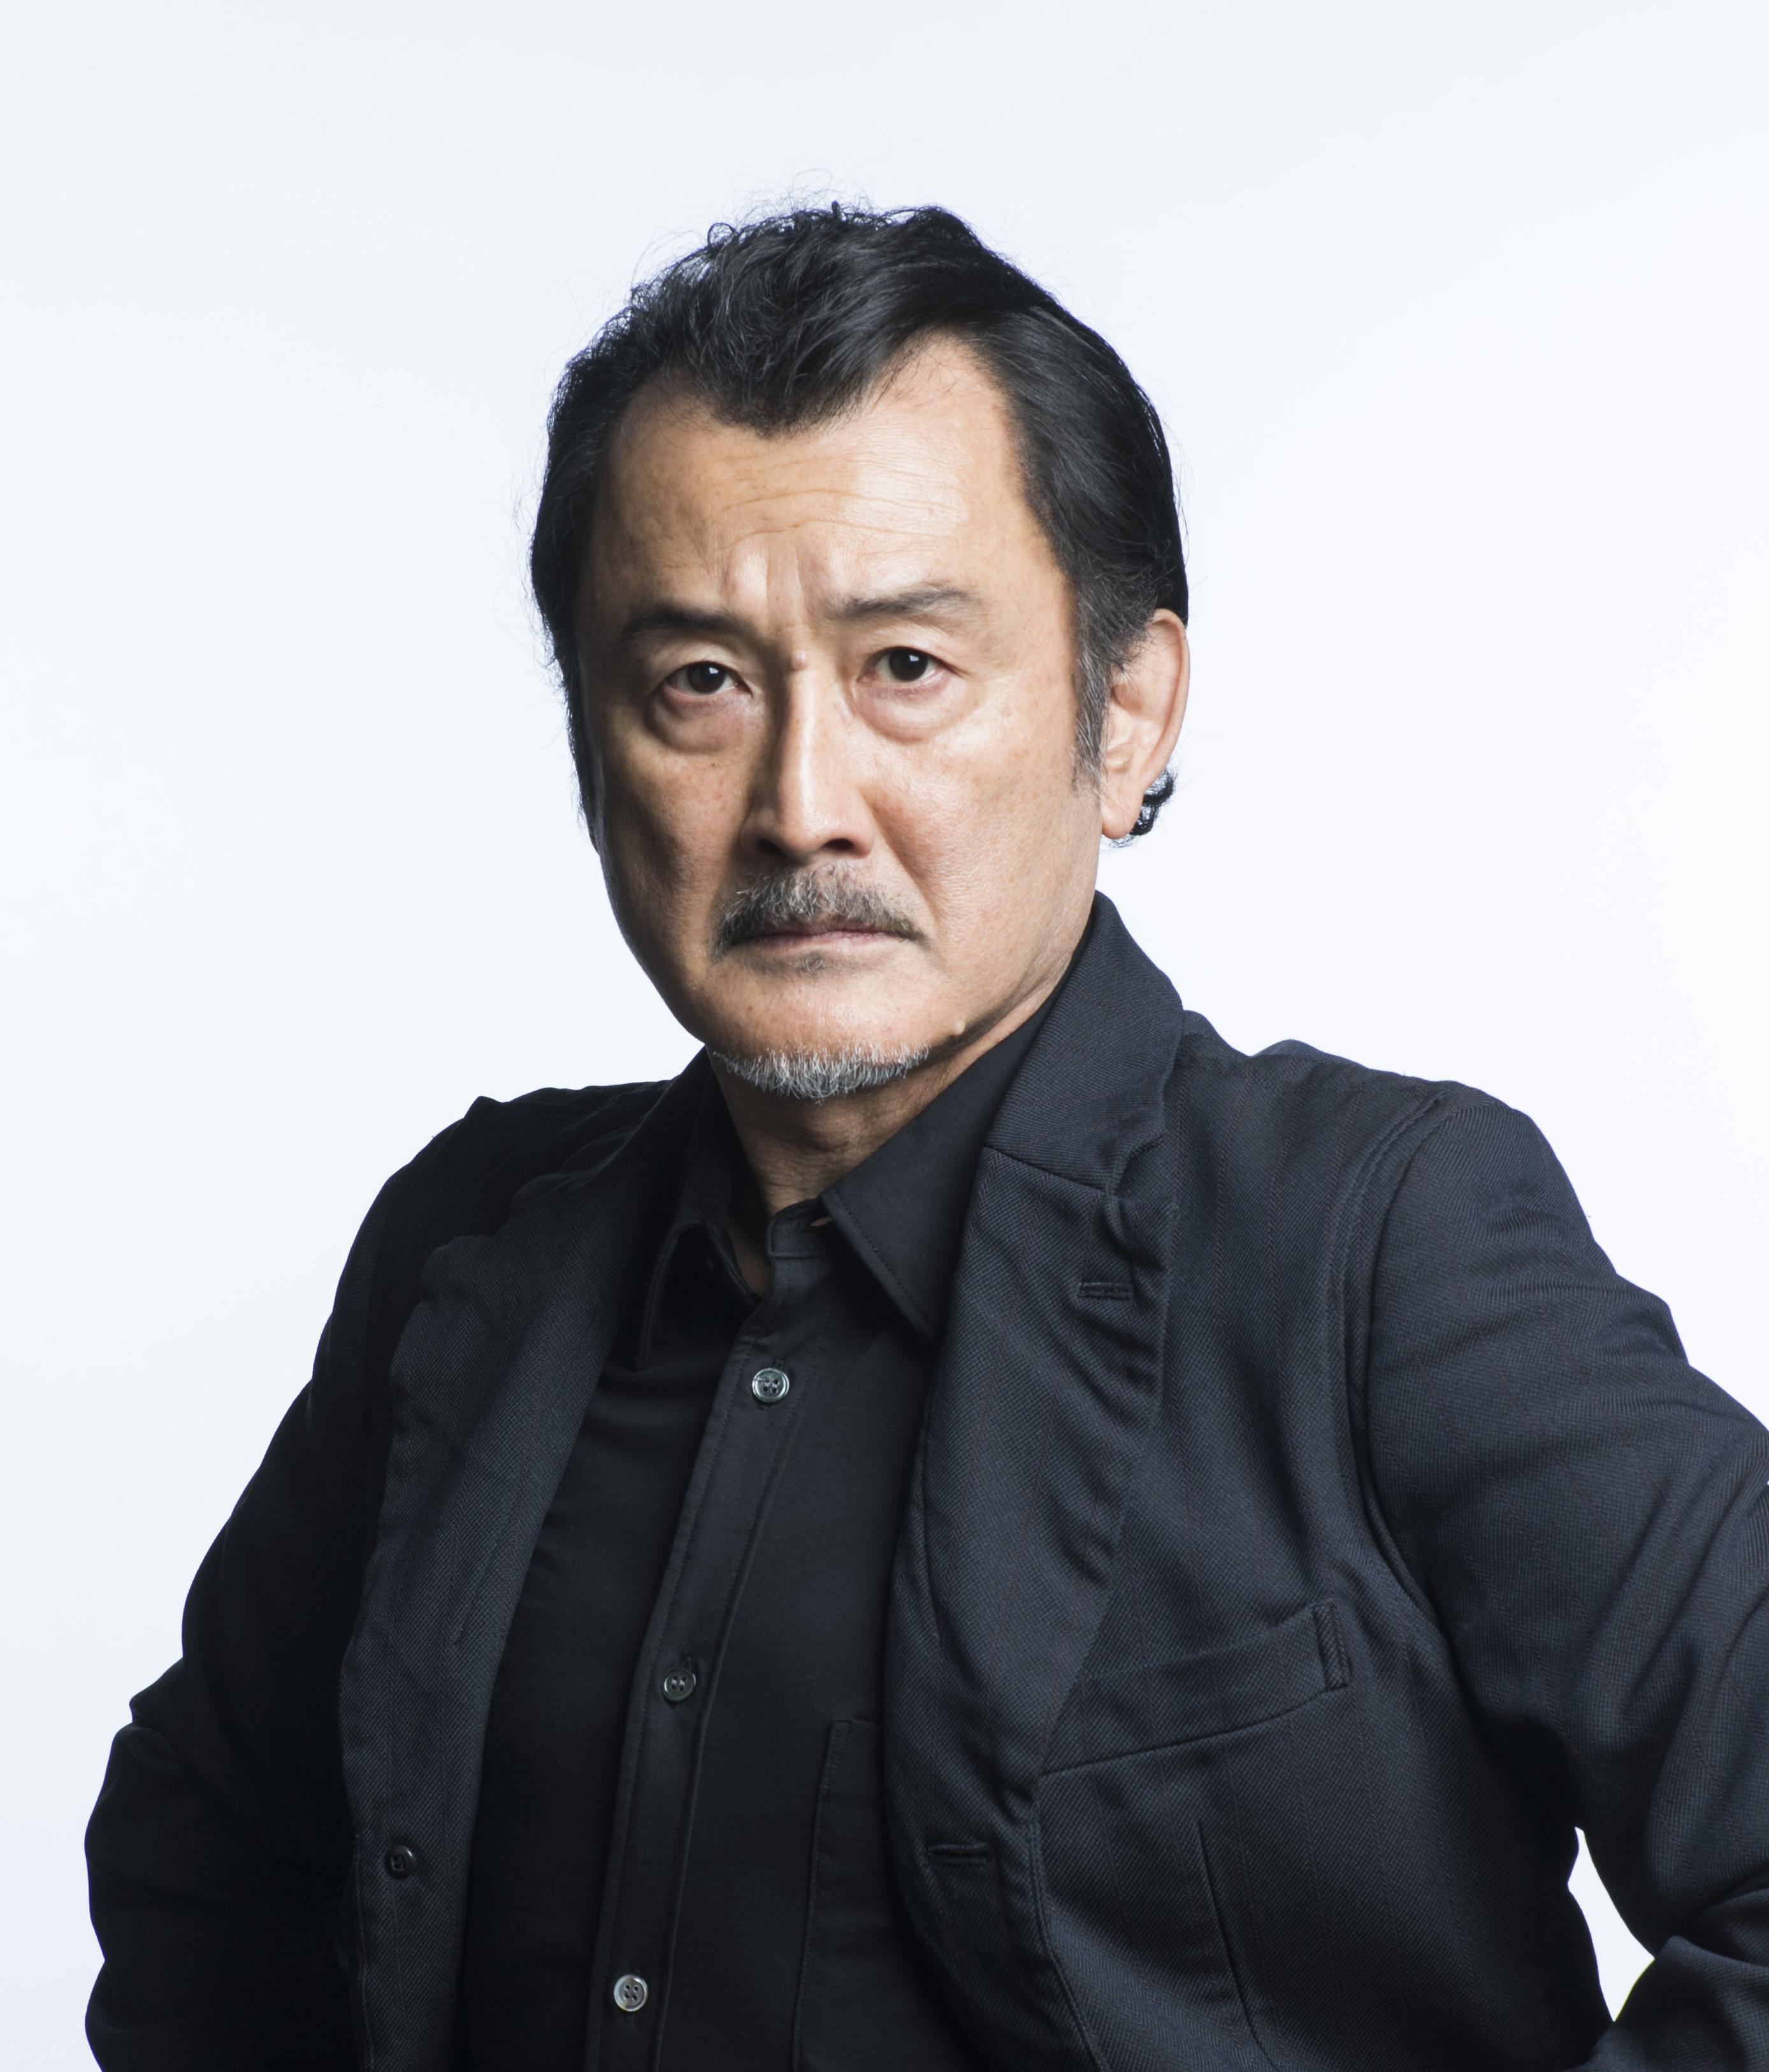 吉田 鋼太郎(ヨシダ コウタロウ) | ホリプロオフィシャルサイト